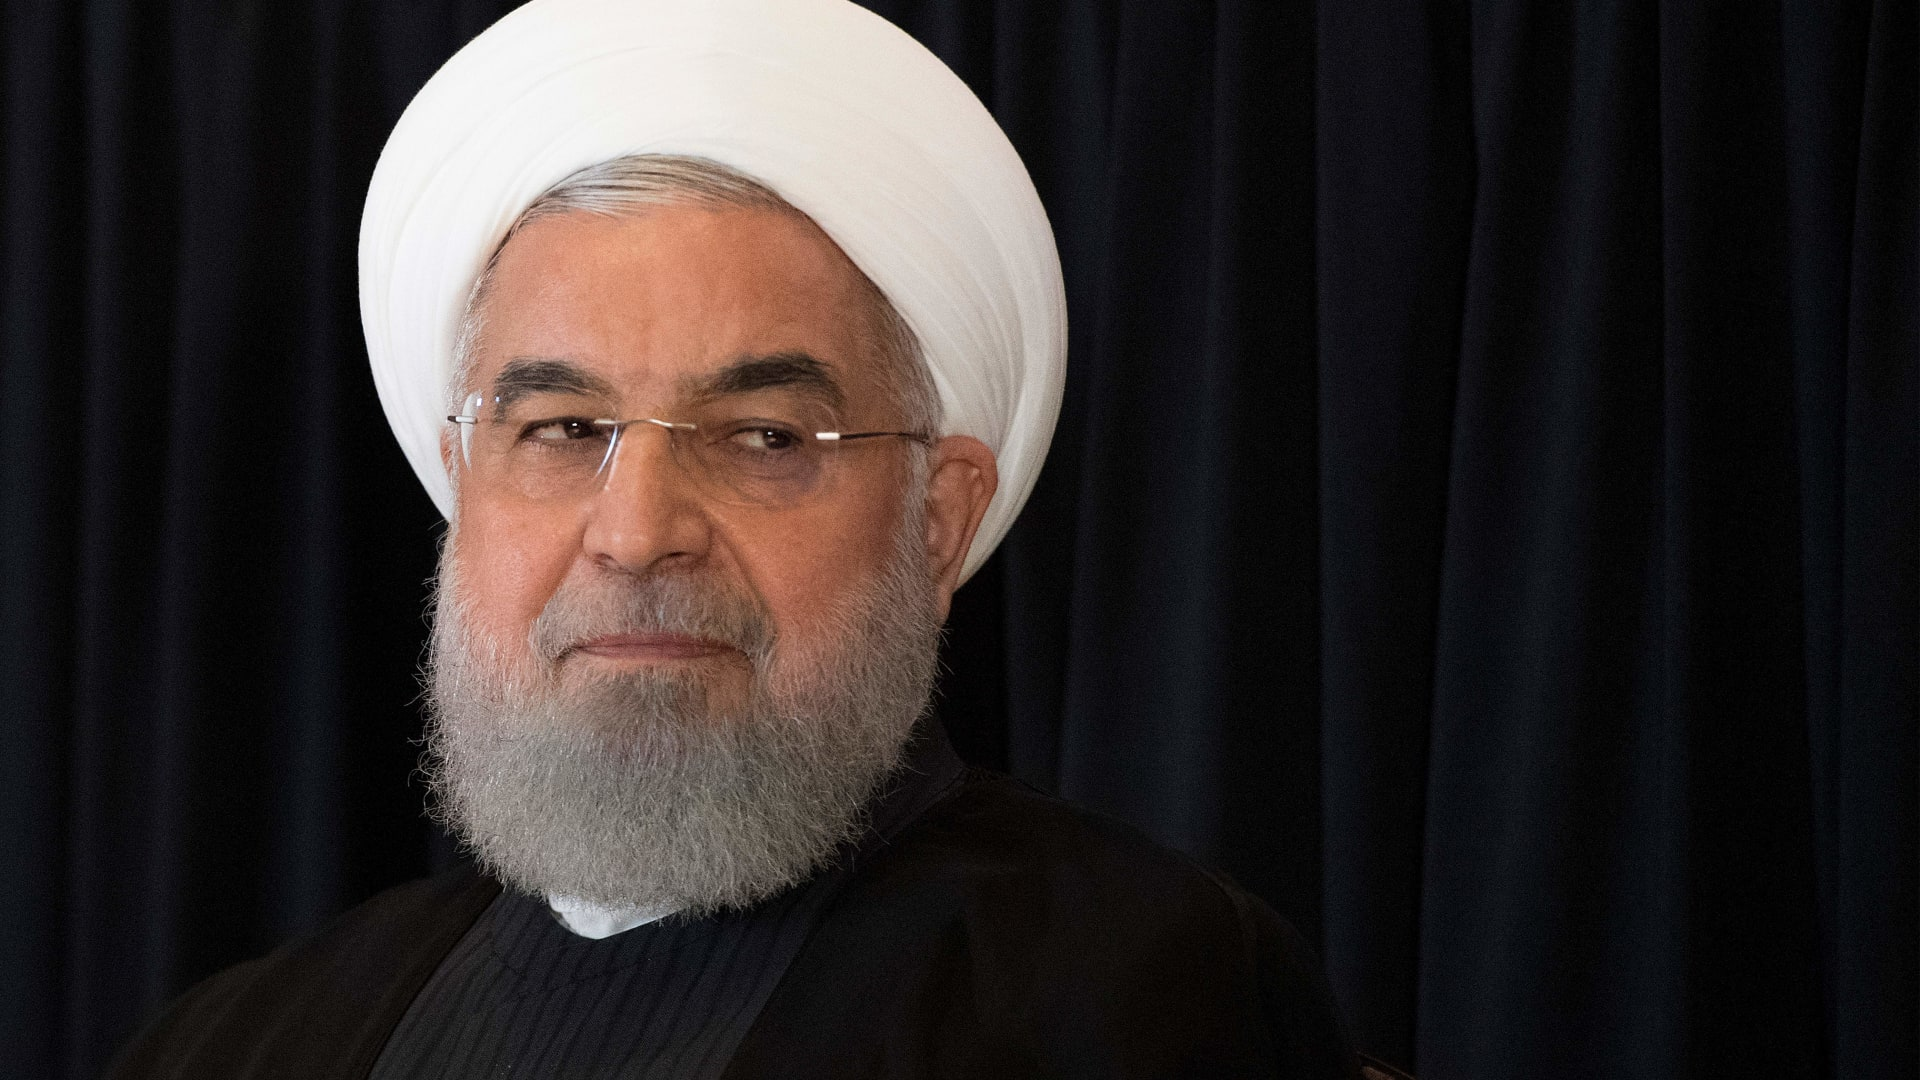 الرئيس الإيراني: سنقاضي الولايات المتحدة بسبب الحظر الاقتصادي